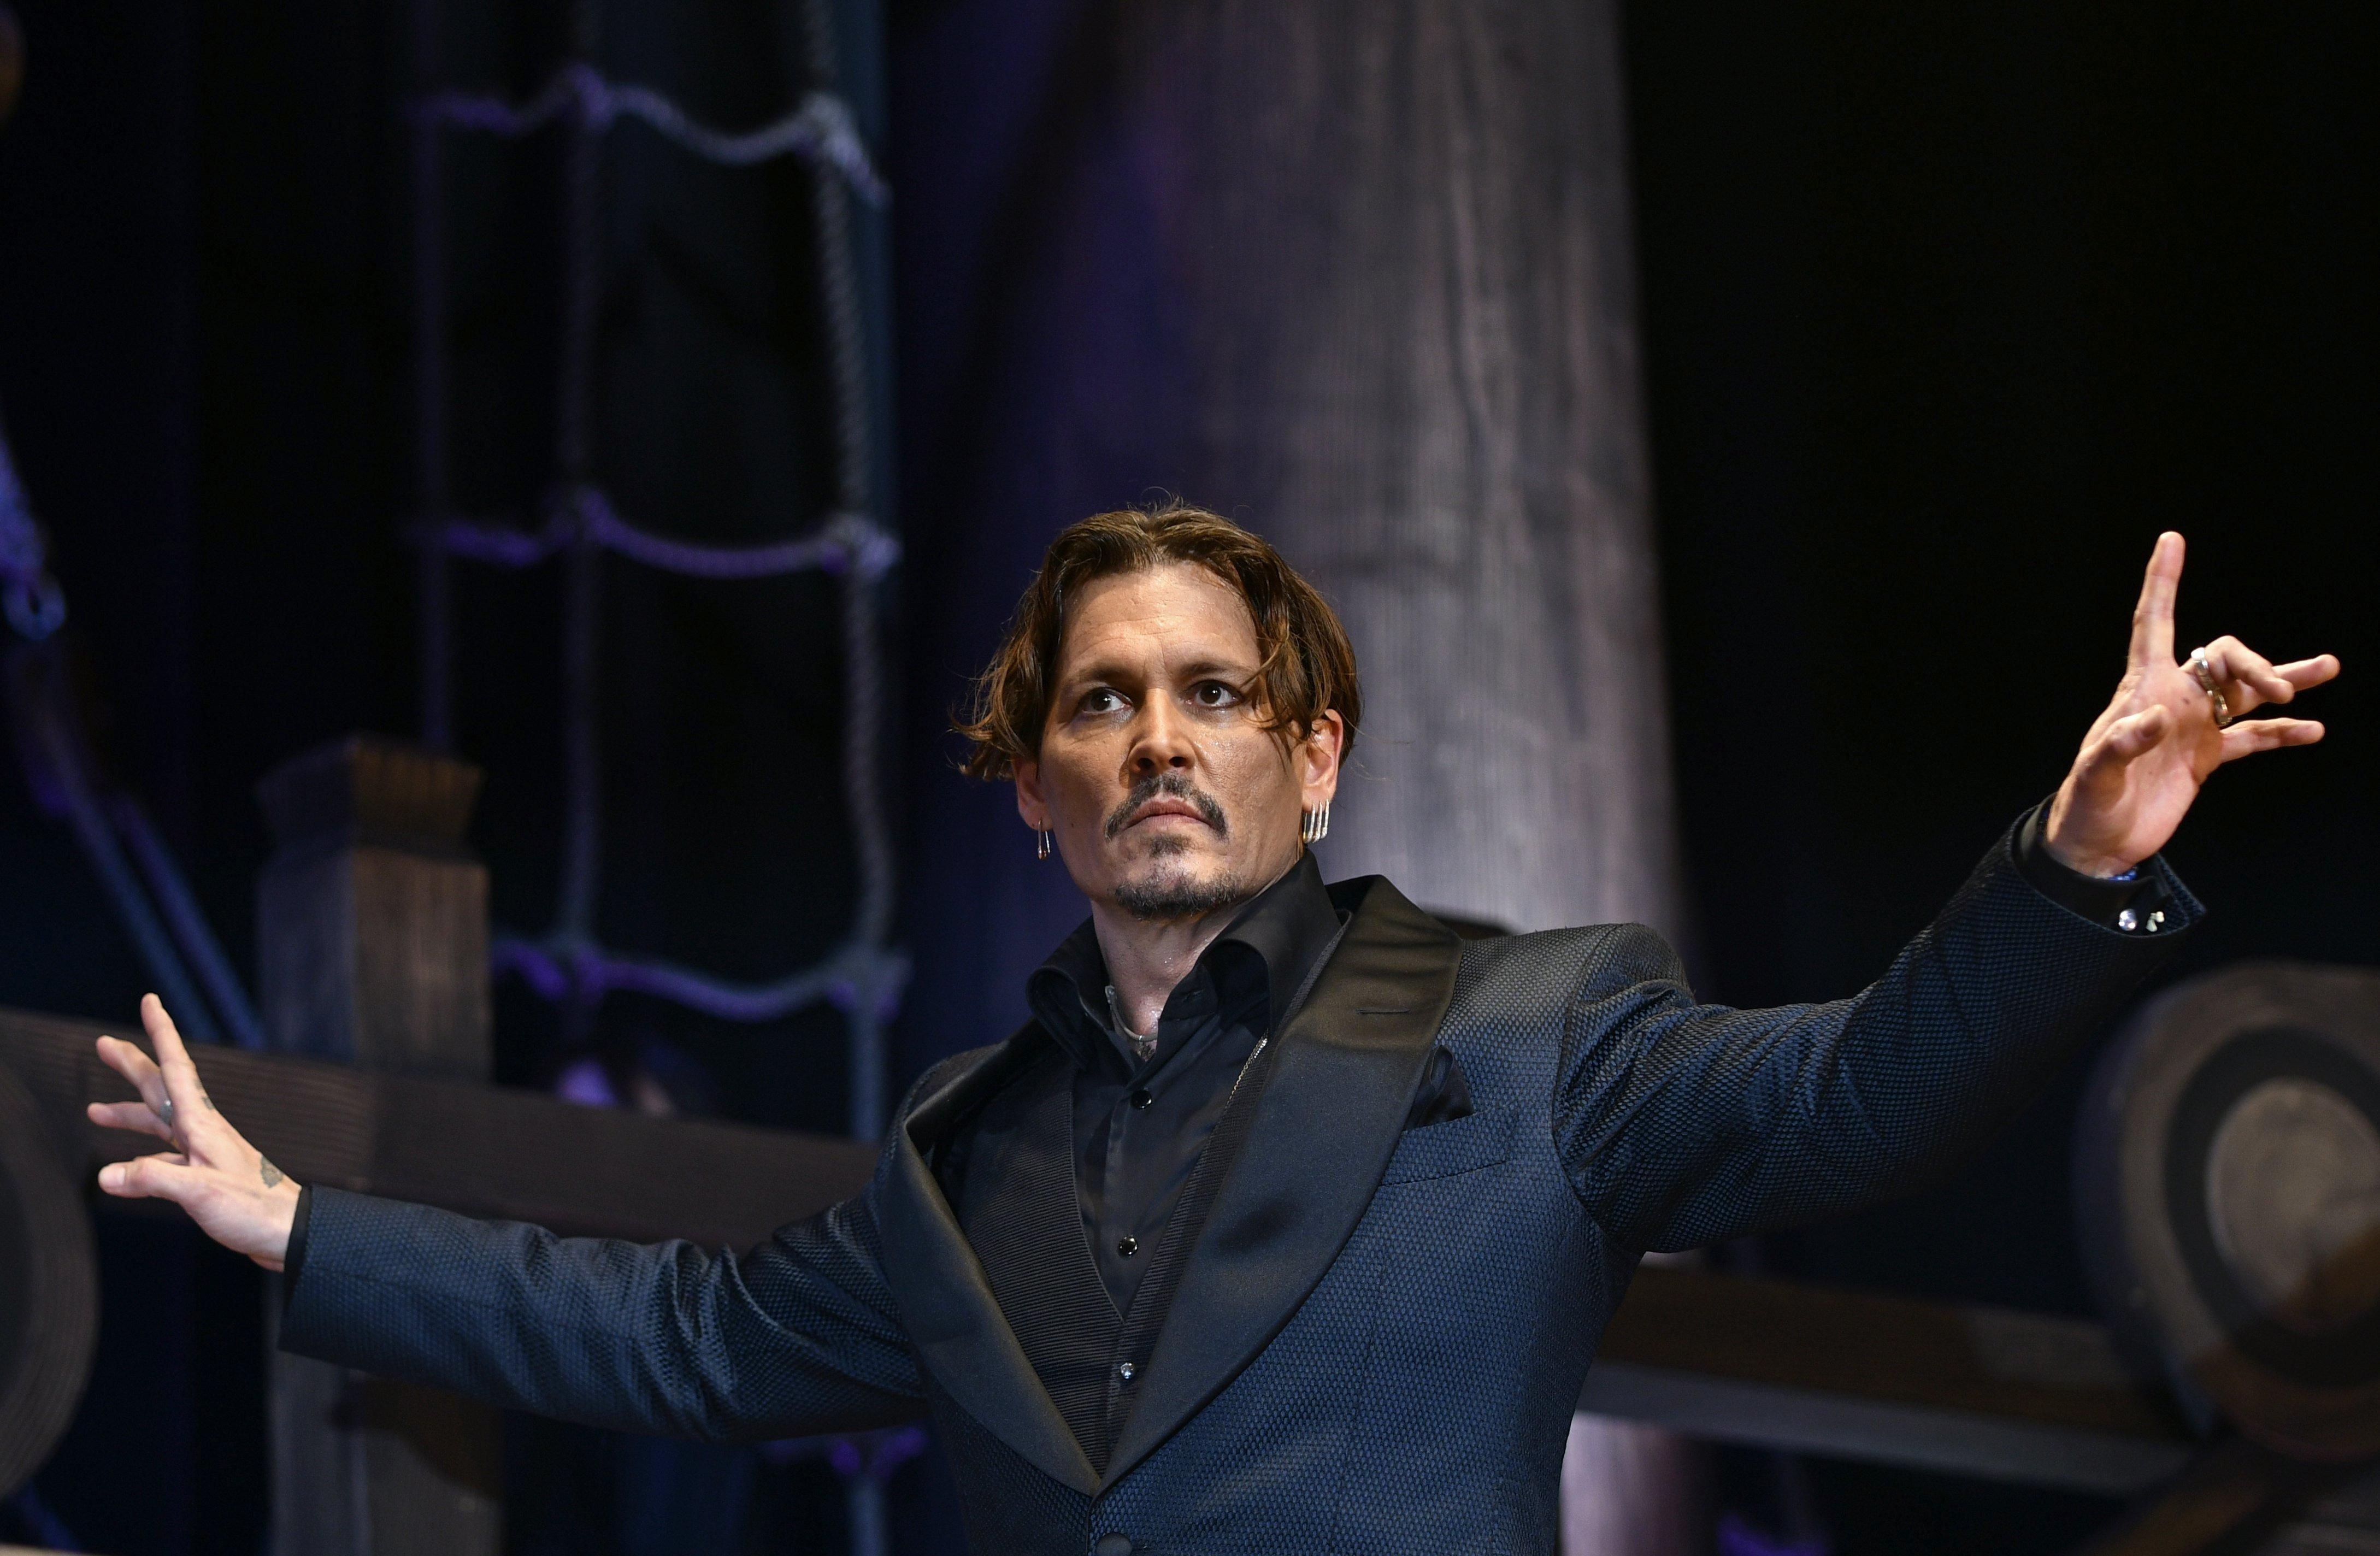 """L'actor nord-americà Johnny Depp assisteix a l'estrena de l'última entrega de la saga de """"Piratas del Caribe: la venganza de Salazar"""", a Tòquio, Japó. /FRANCK ROBICHON"""